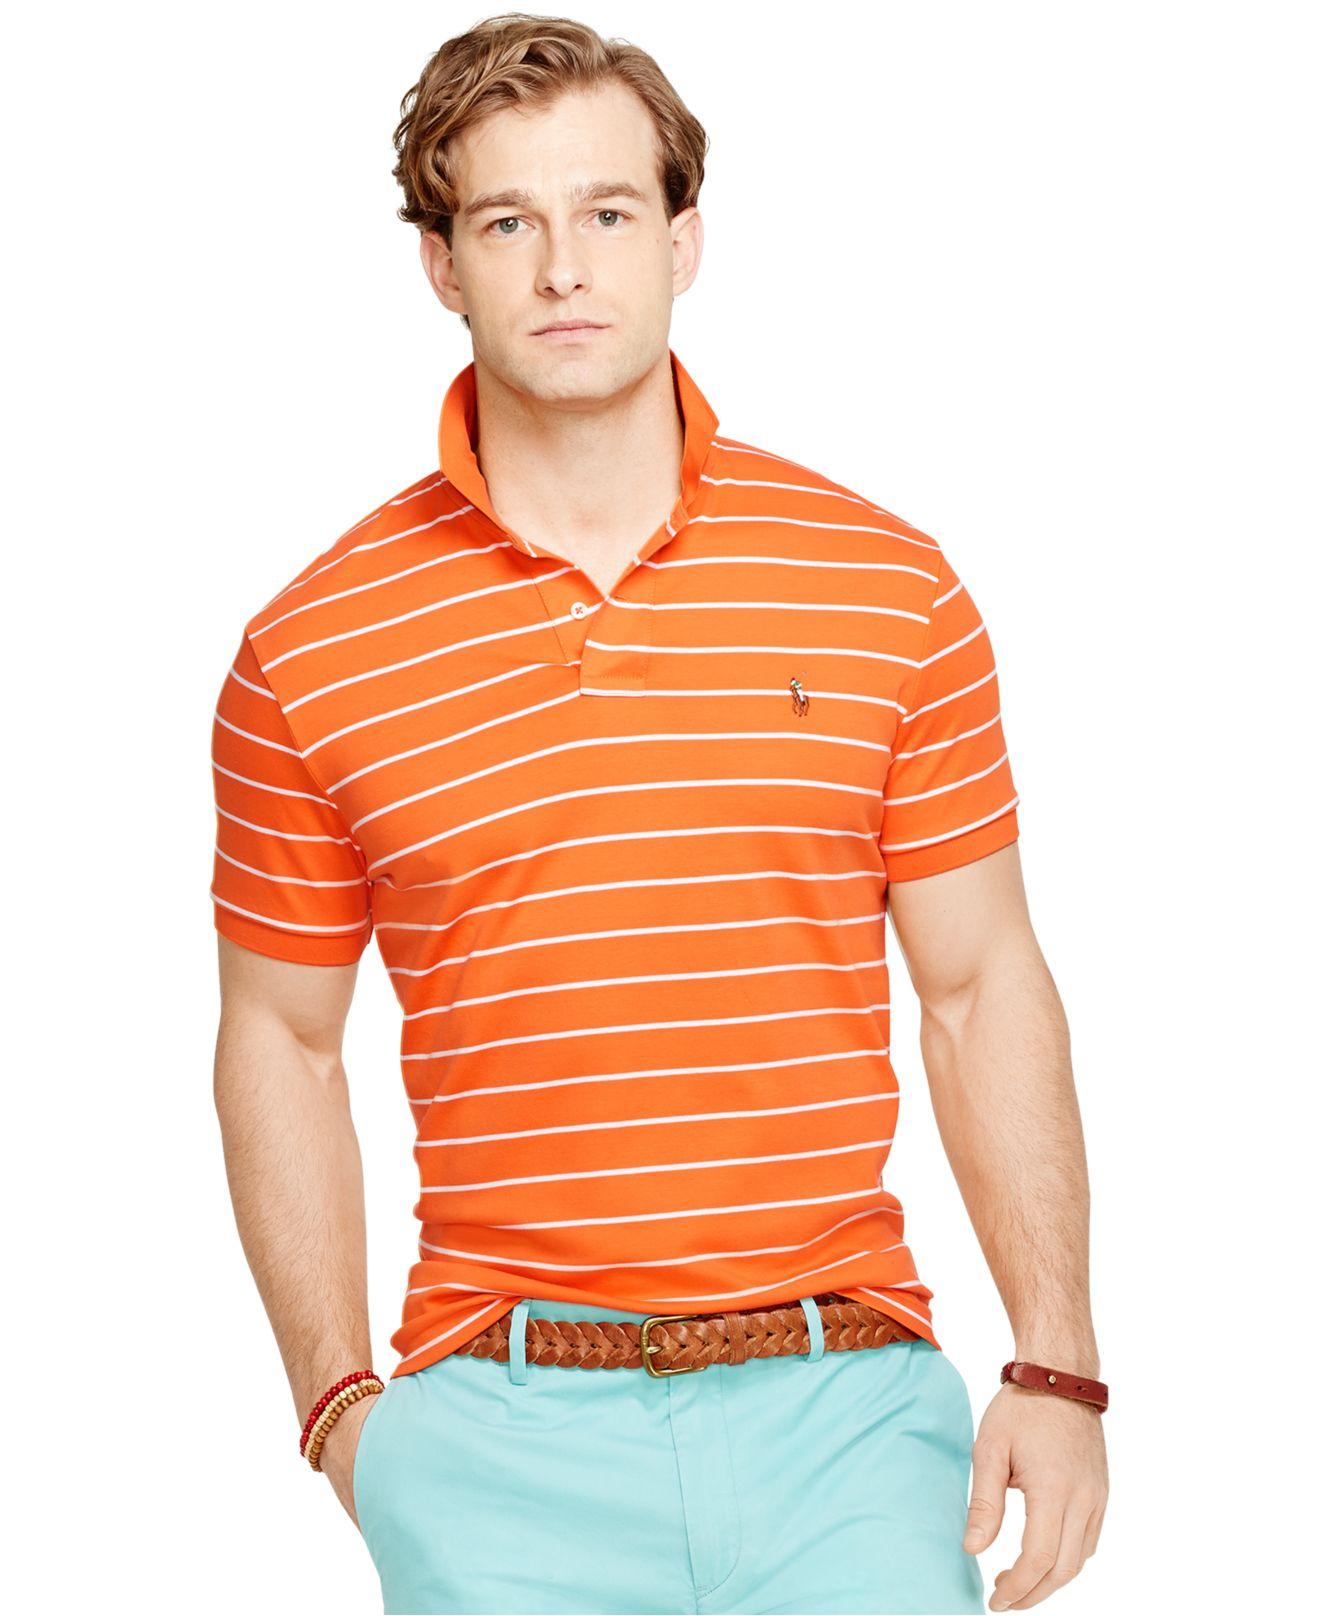 Ralph Shirt Polo Men Orange Touch Striped Pima Soft For Lauren qRjc34LS5A